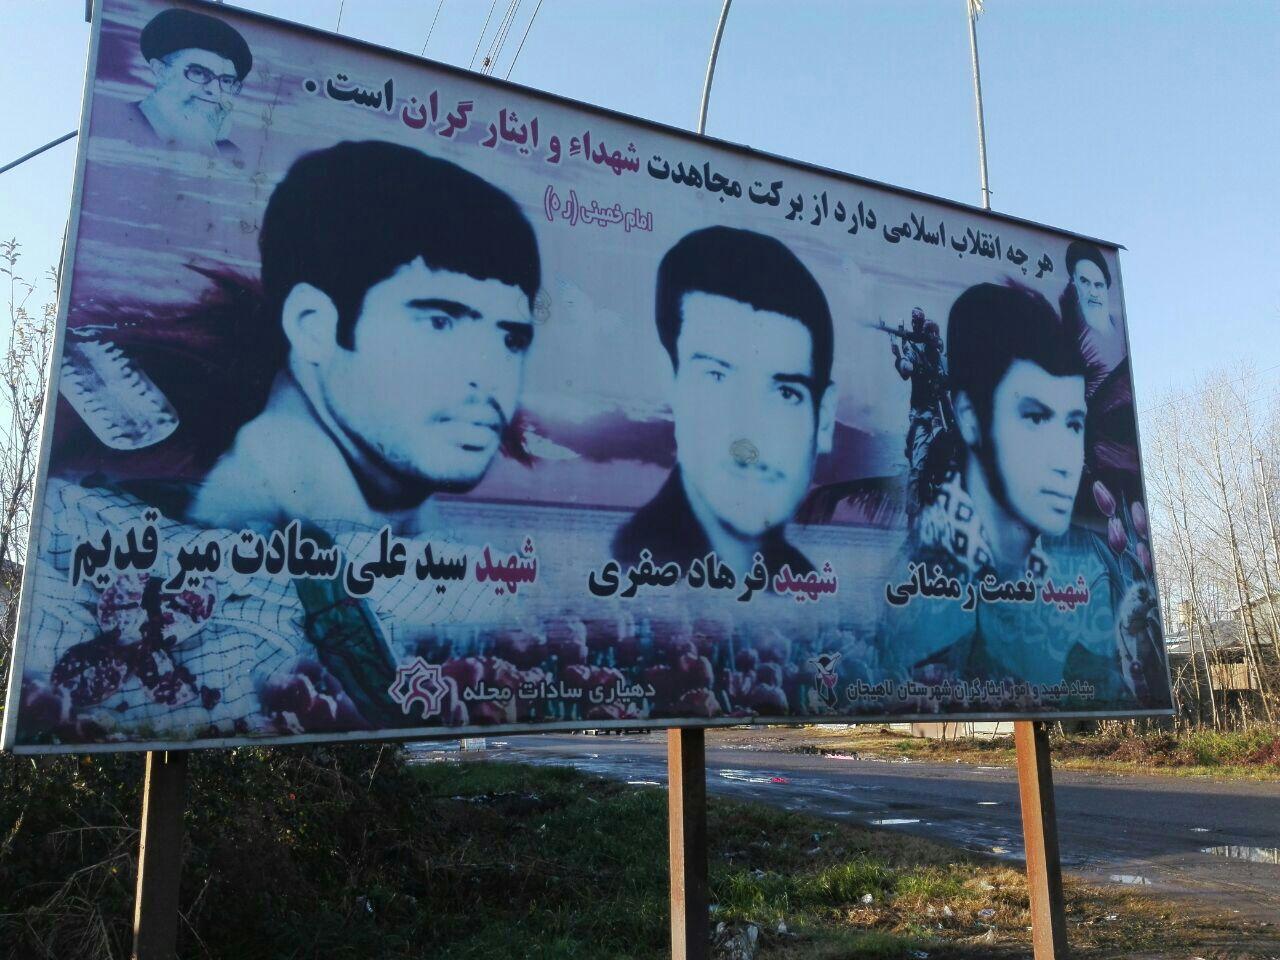 تصویر شهید در روستای سادات محله